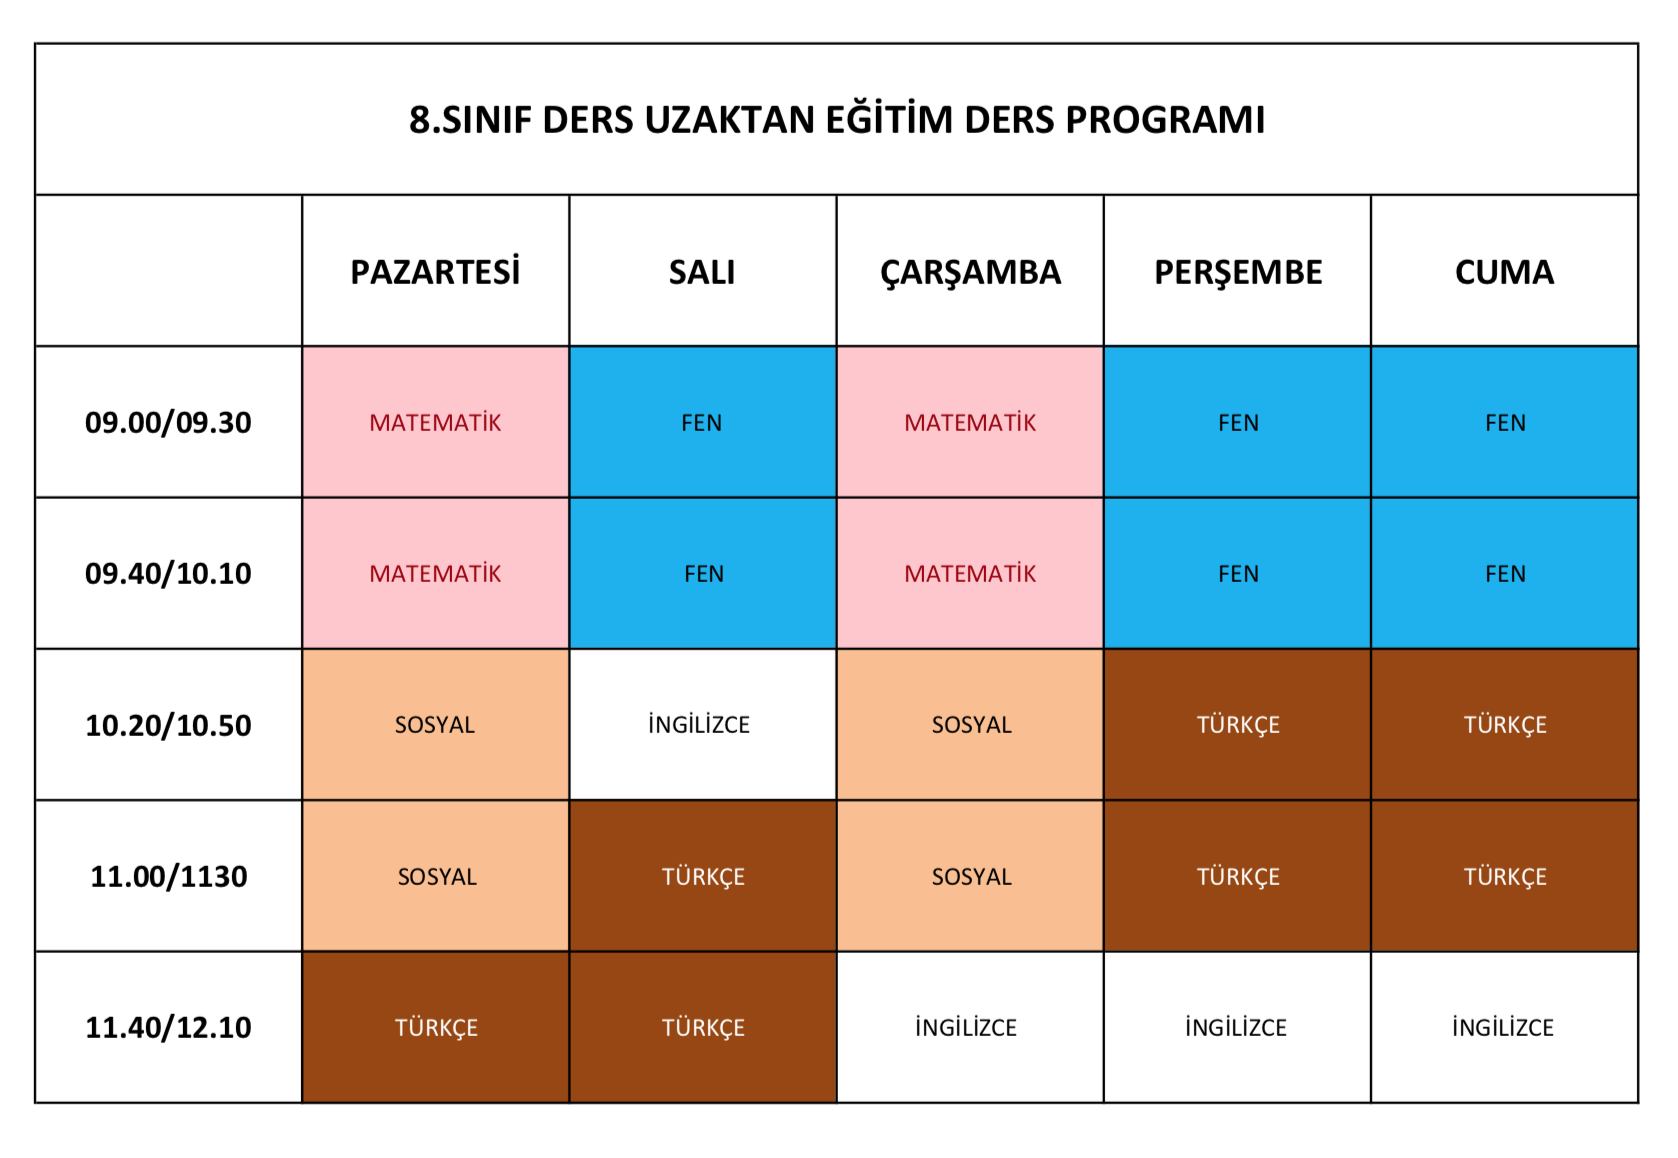 Etkin Kolej | Eskişehir Etkin Kolej Online Eğitim Canlı Ders Programı